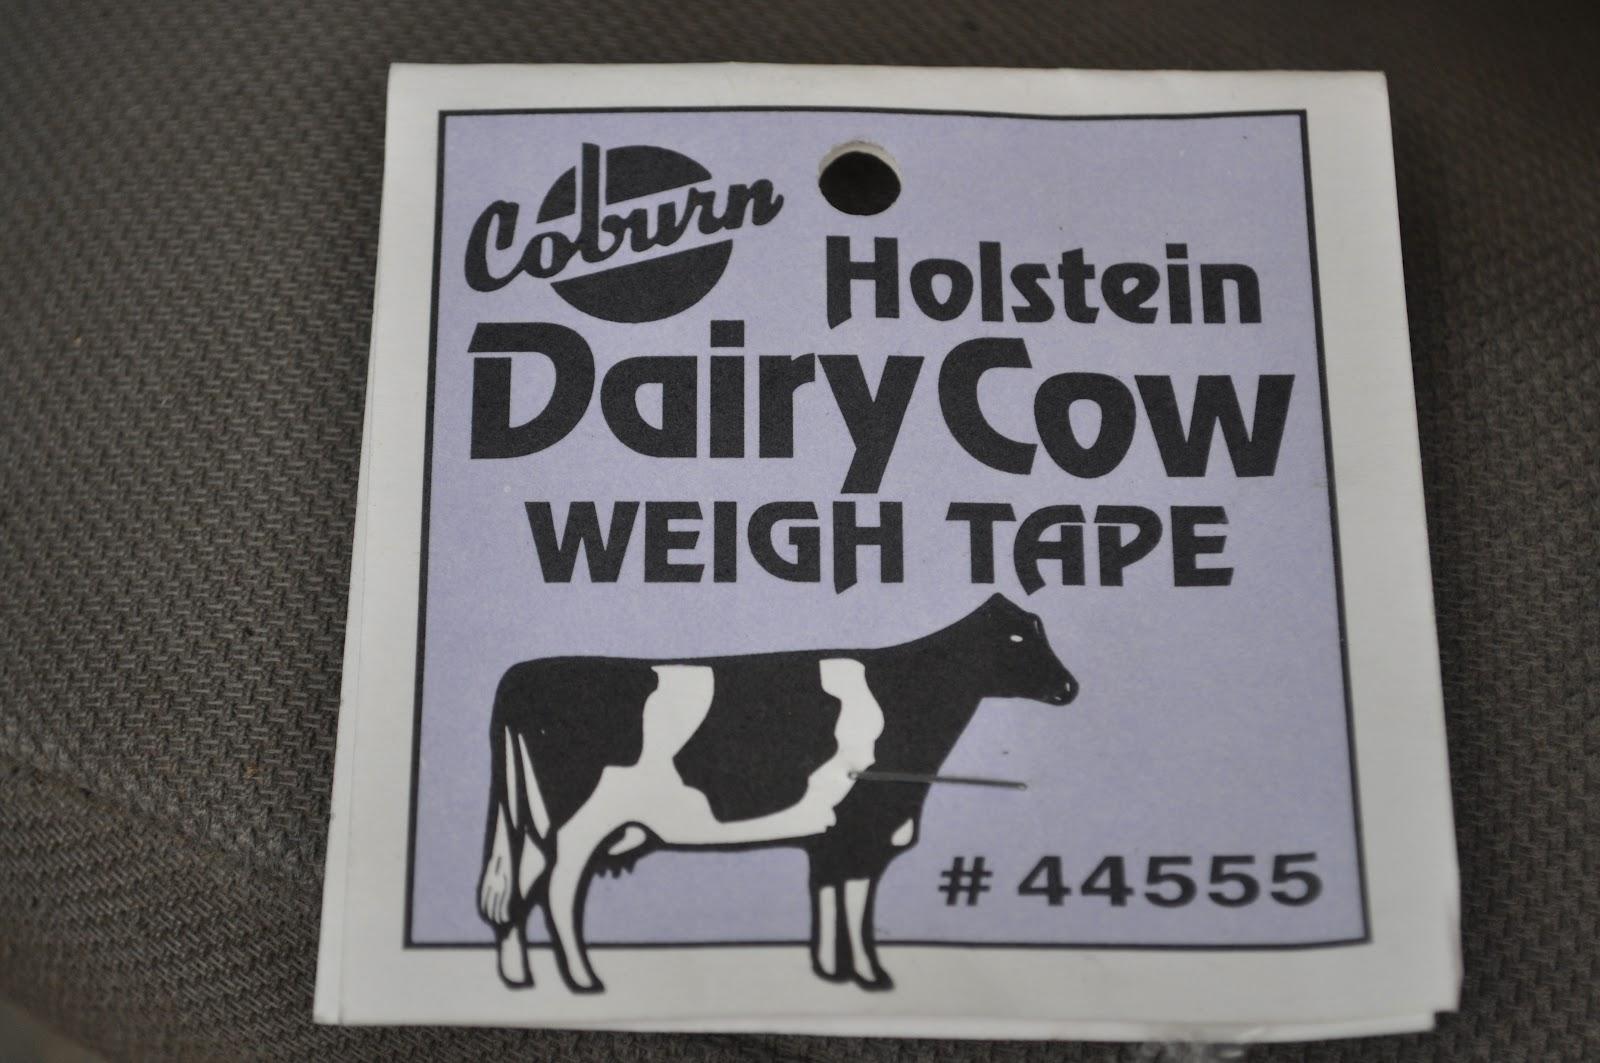 Holstein Dairy Cow Weigh Tape